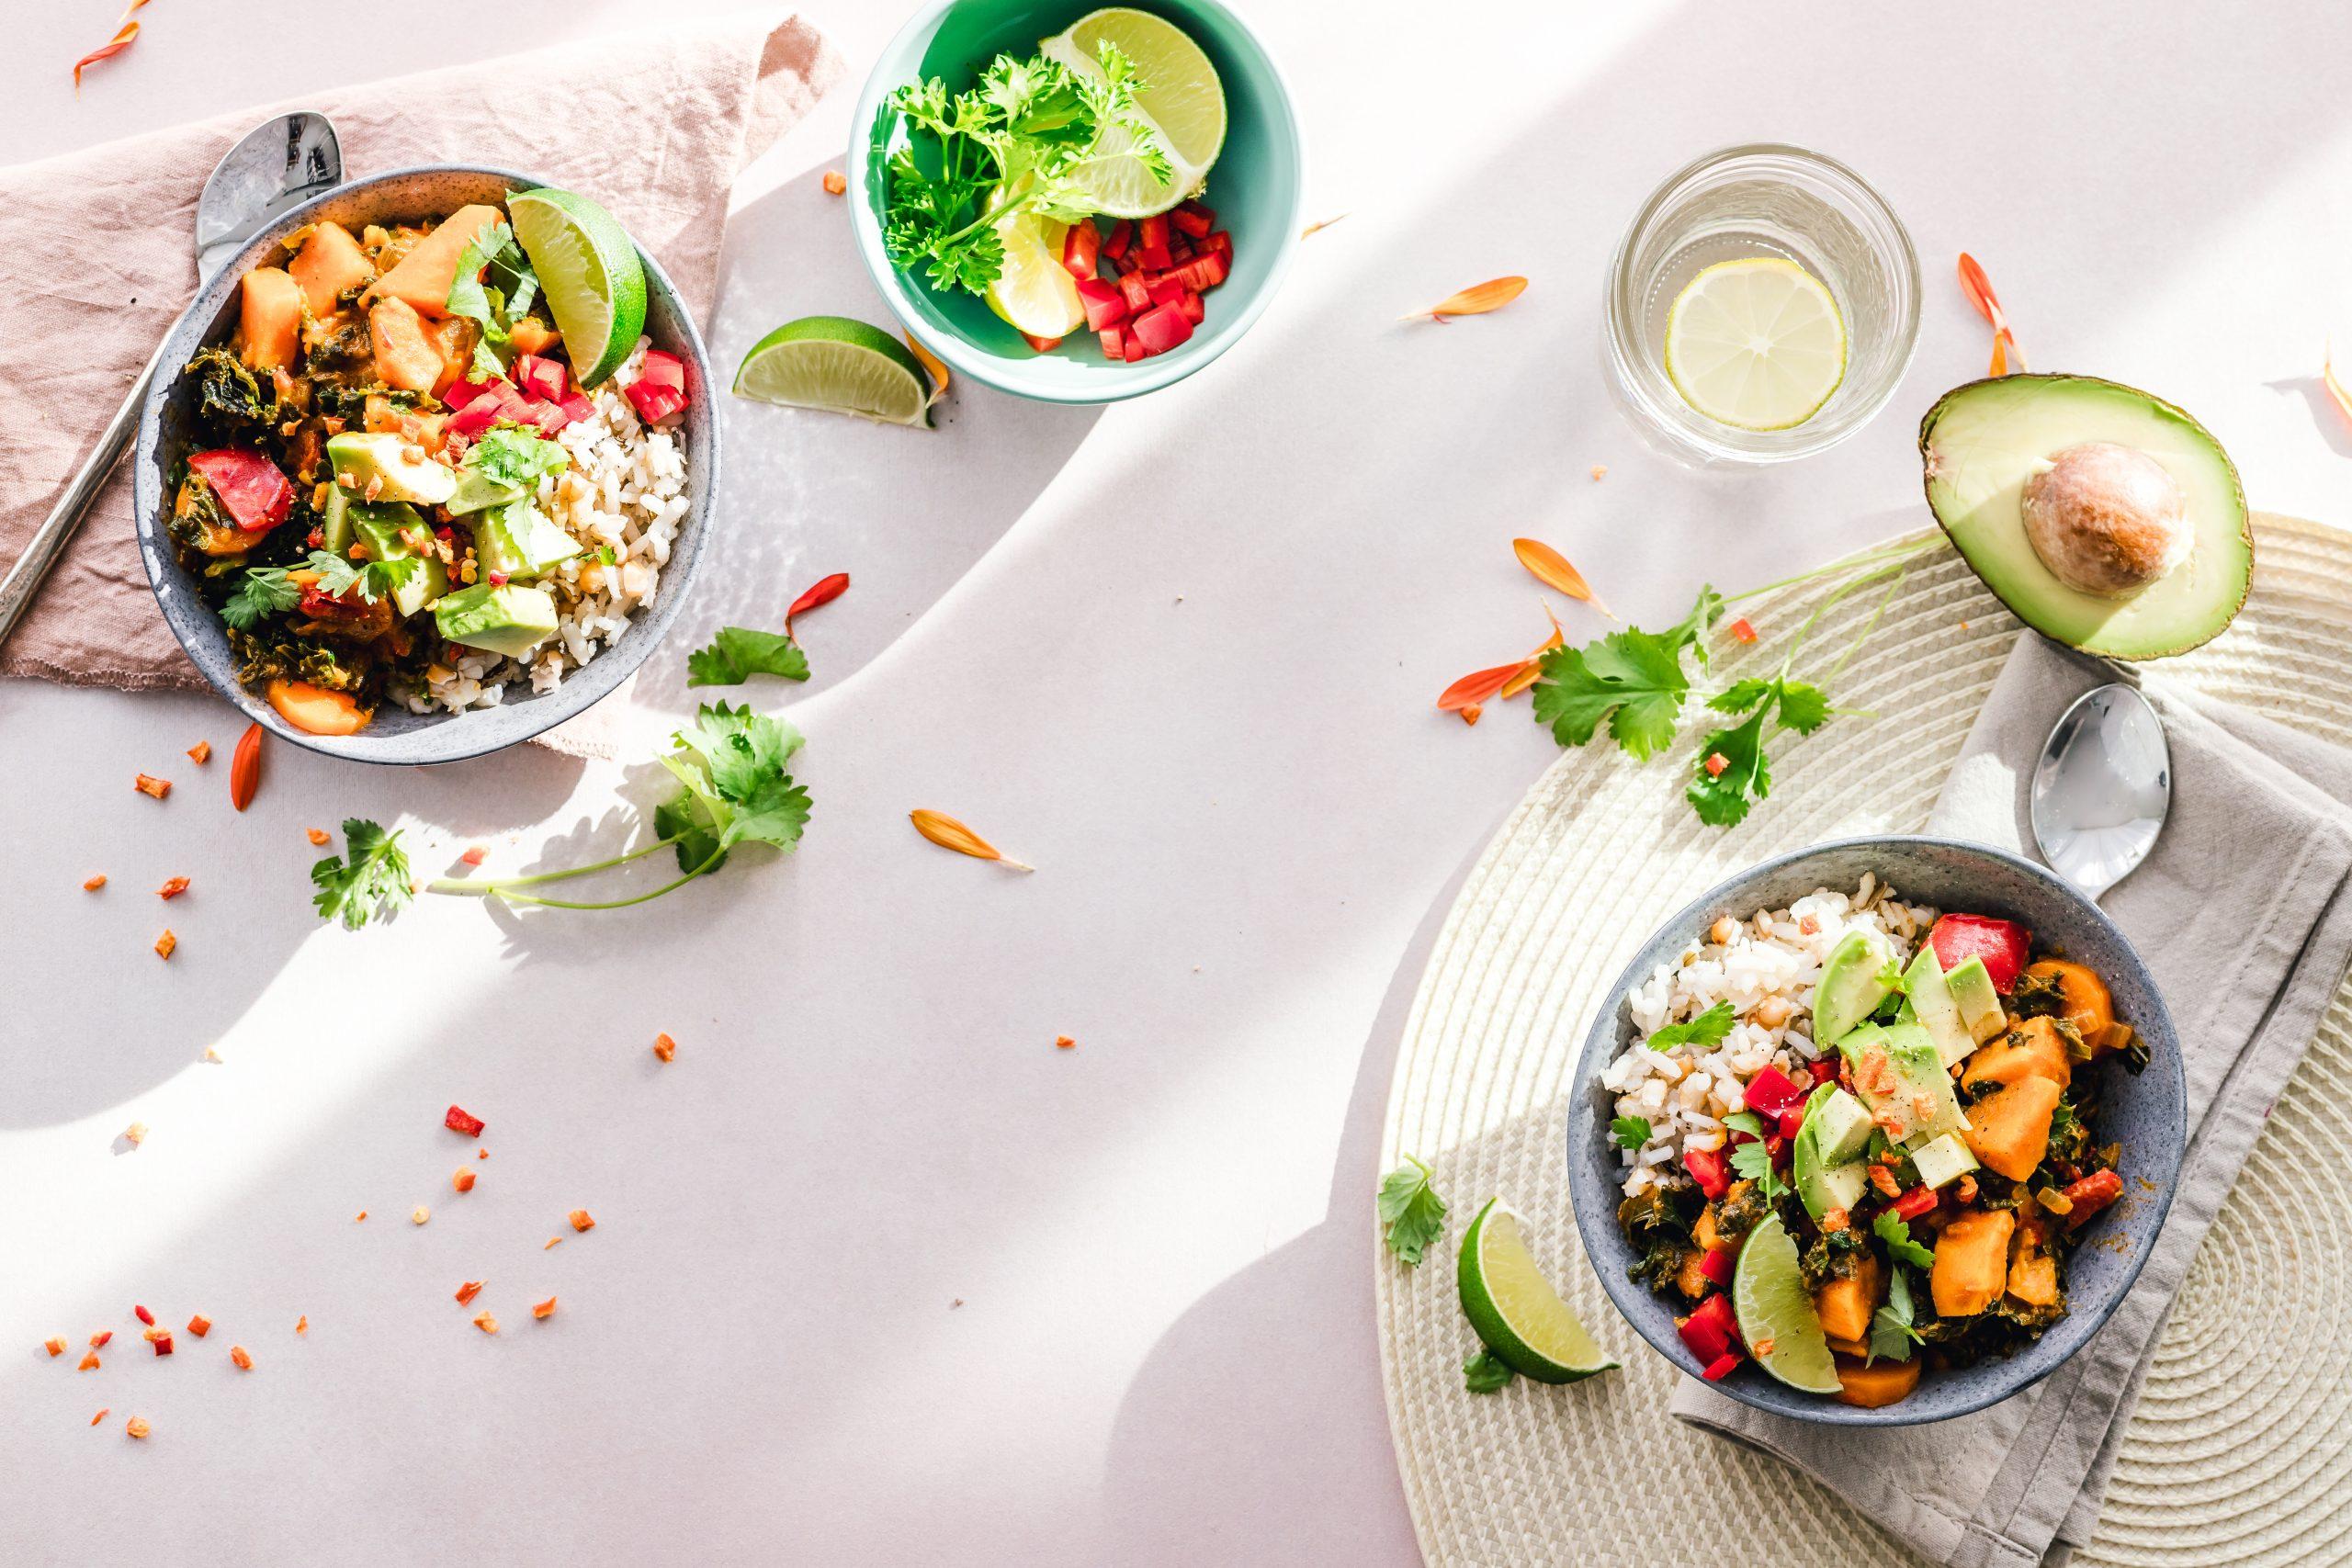 Laissez-vous conquérir par la livraison de repas diététiques